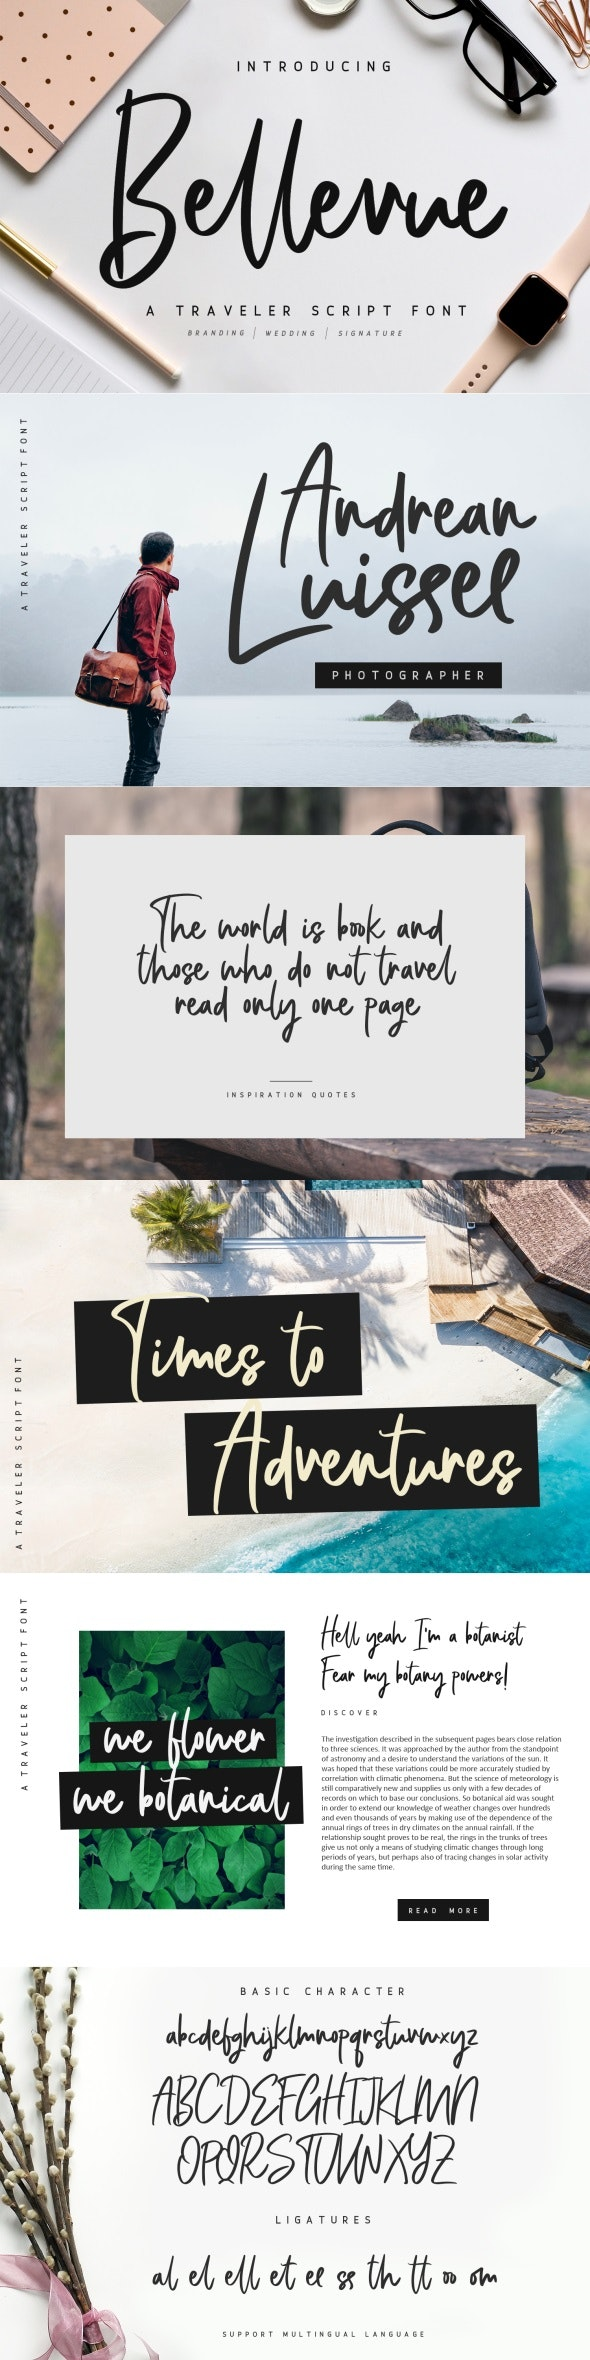 Bellevue // A Traveler Script Font - Hand-writing Script